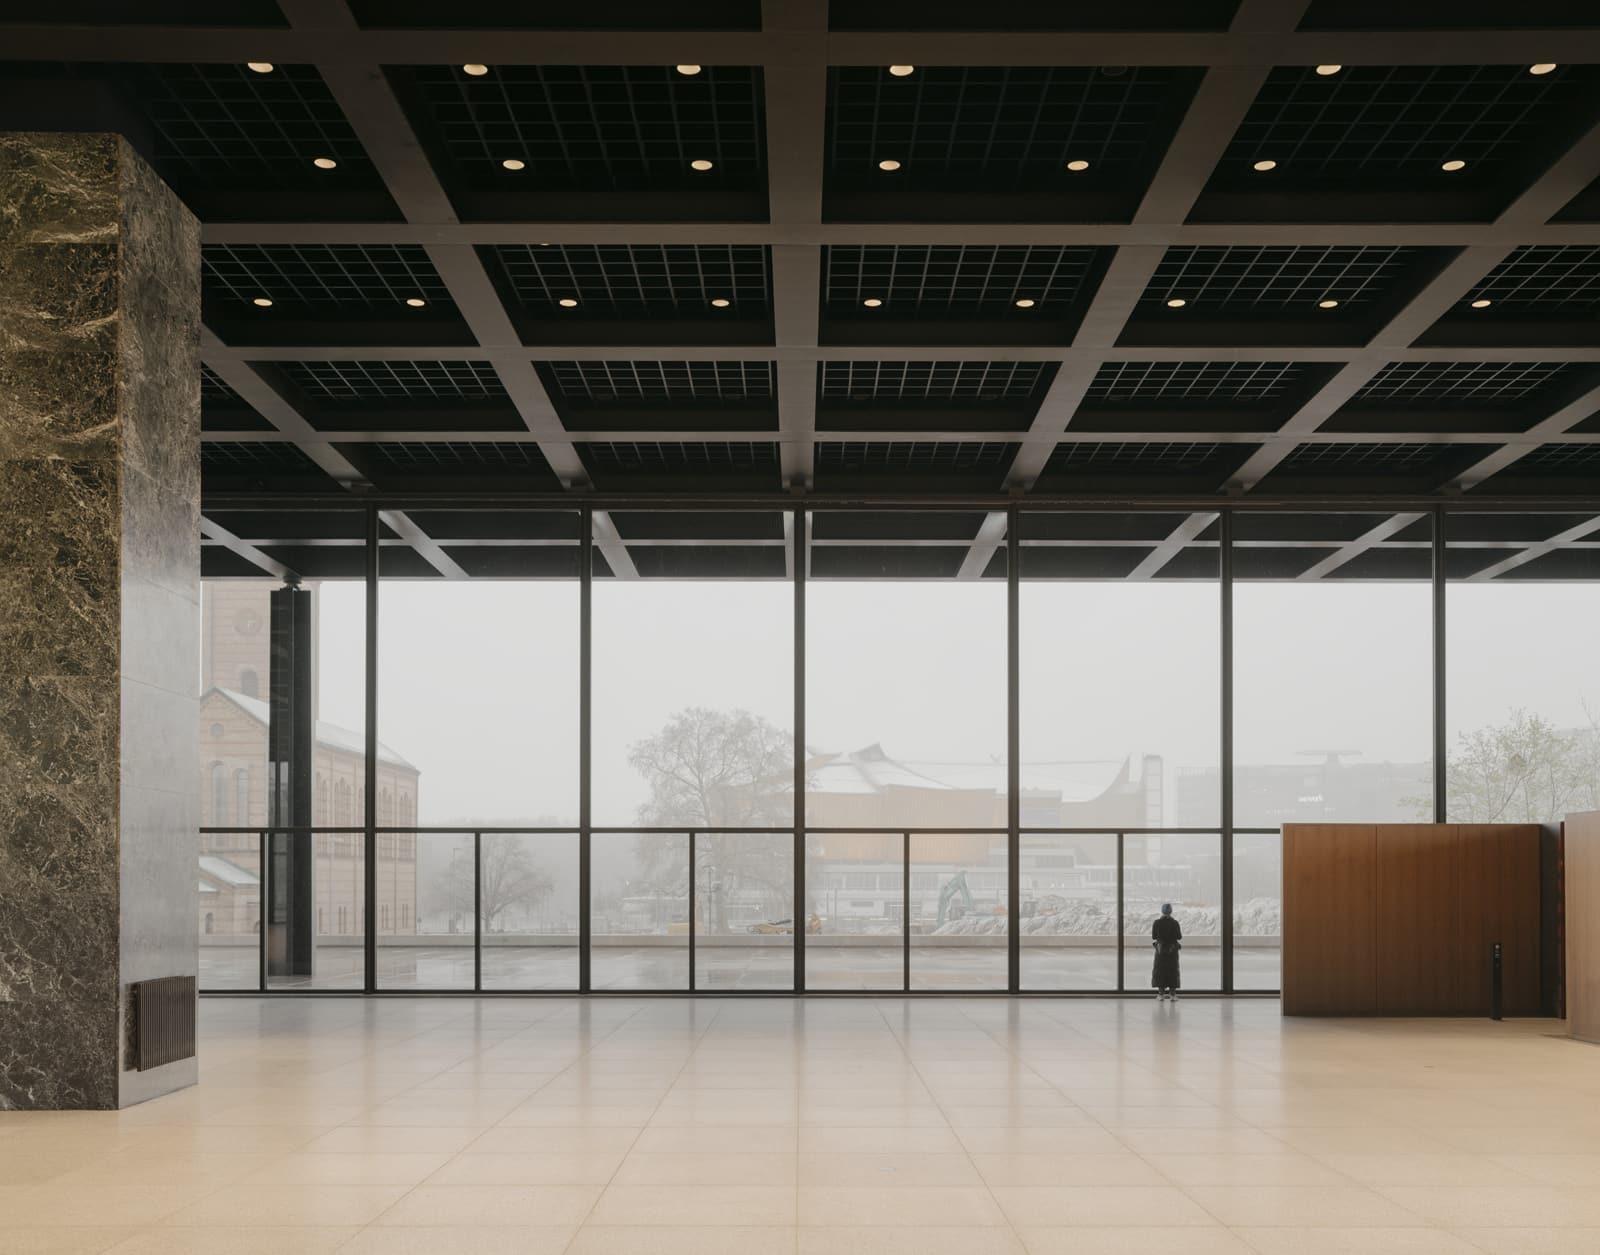 Neue Nationalgalerie Refurbishment  - 20210625 Chipperfield NeueNationalgalerieRefurbishment 06 41